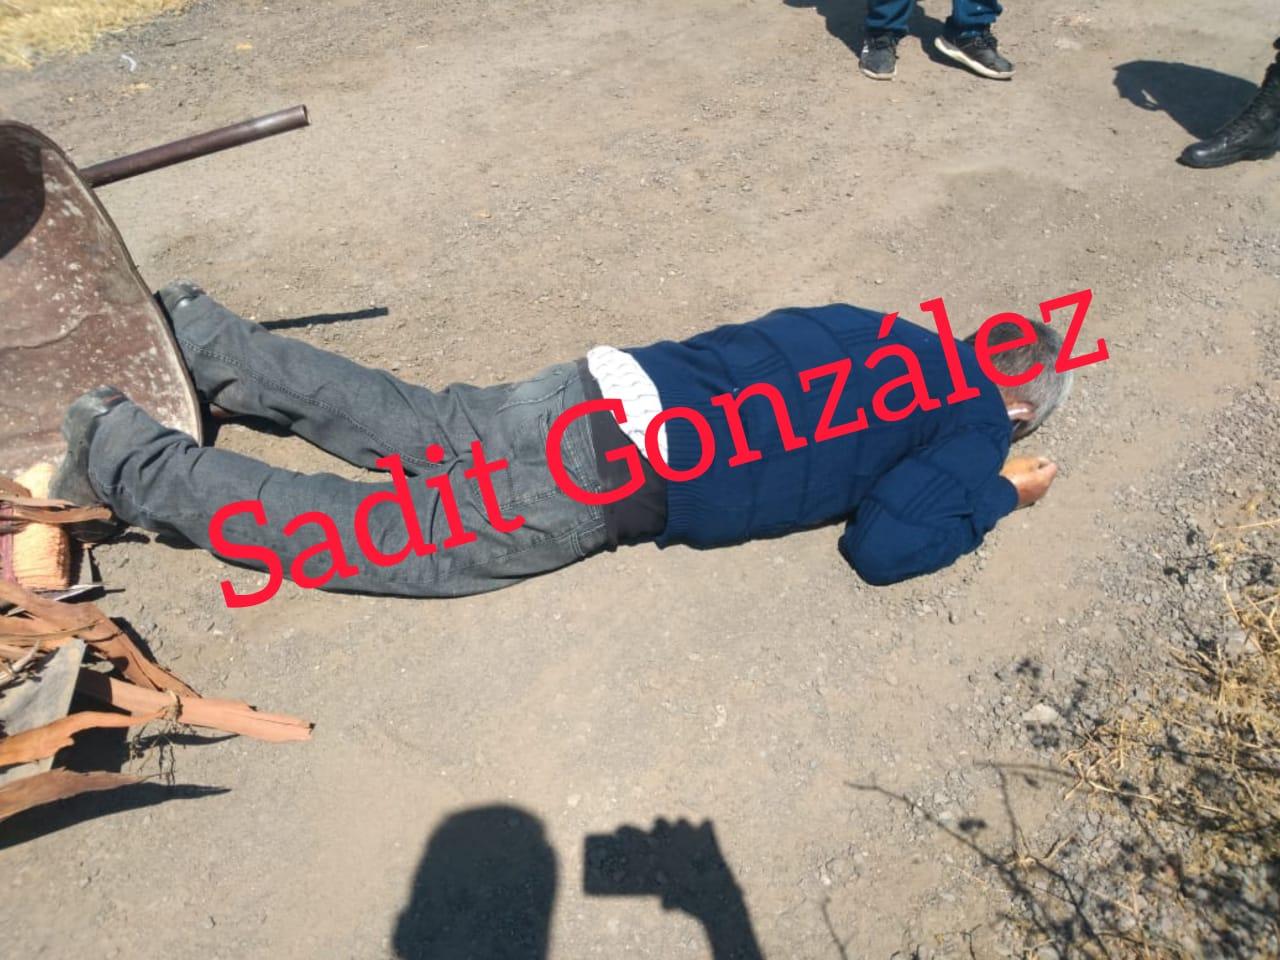 Hombre de 58 años sorprendido por la muerte en Lara Grajales